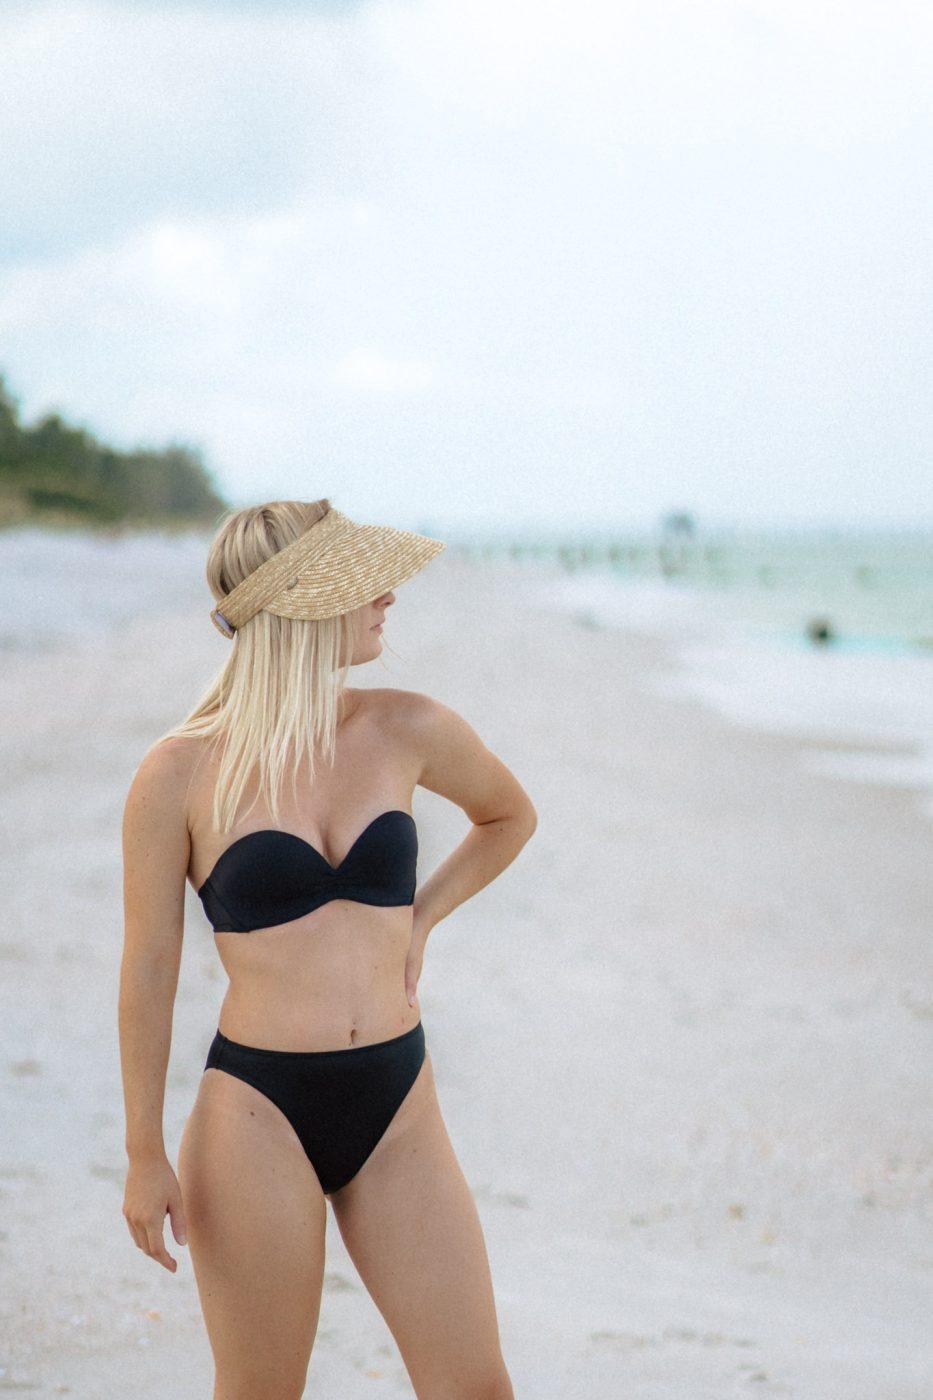 Jenny Bess wearing Upbra push up swimsuit in black